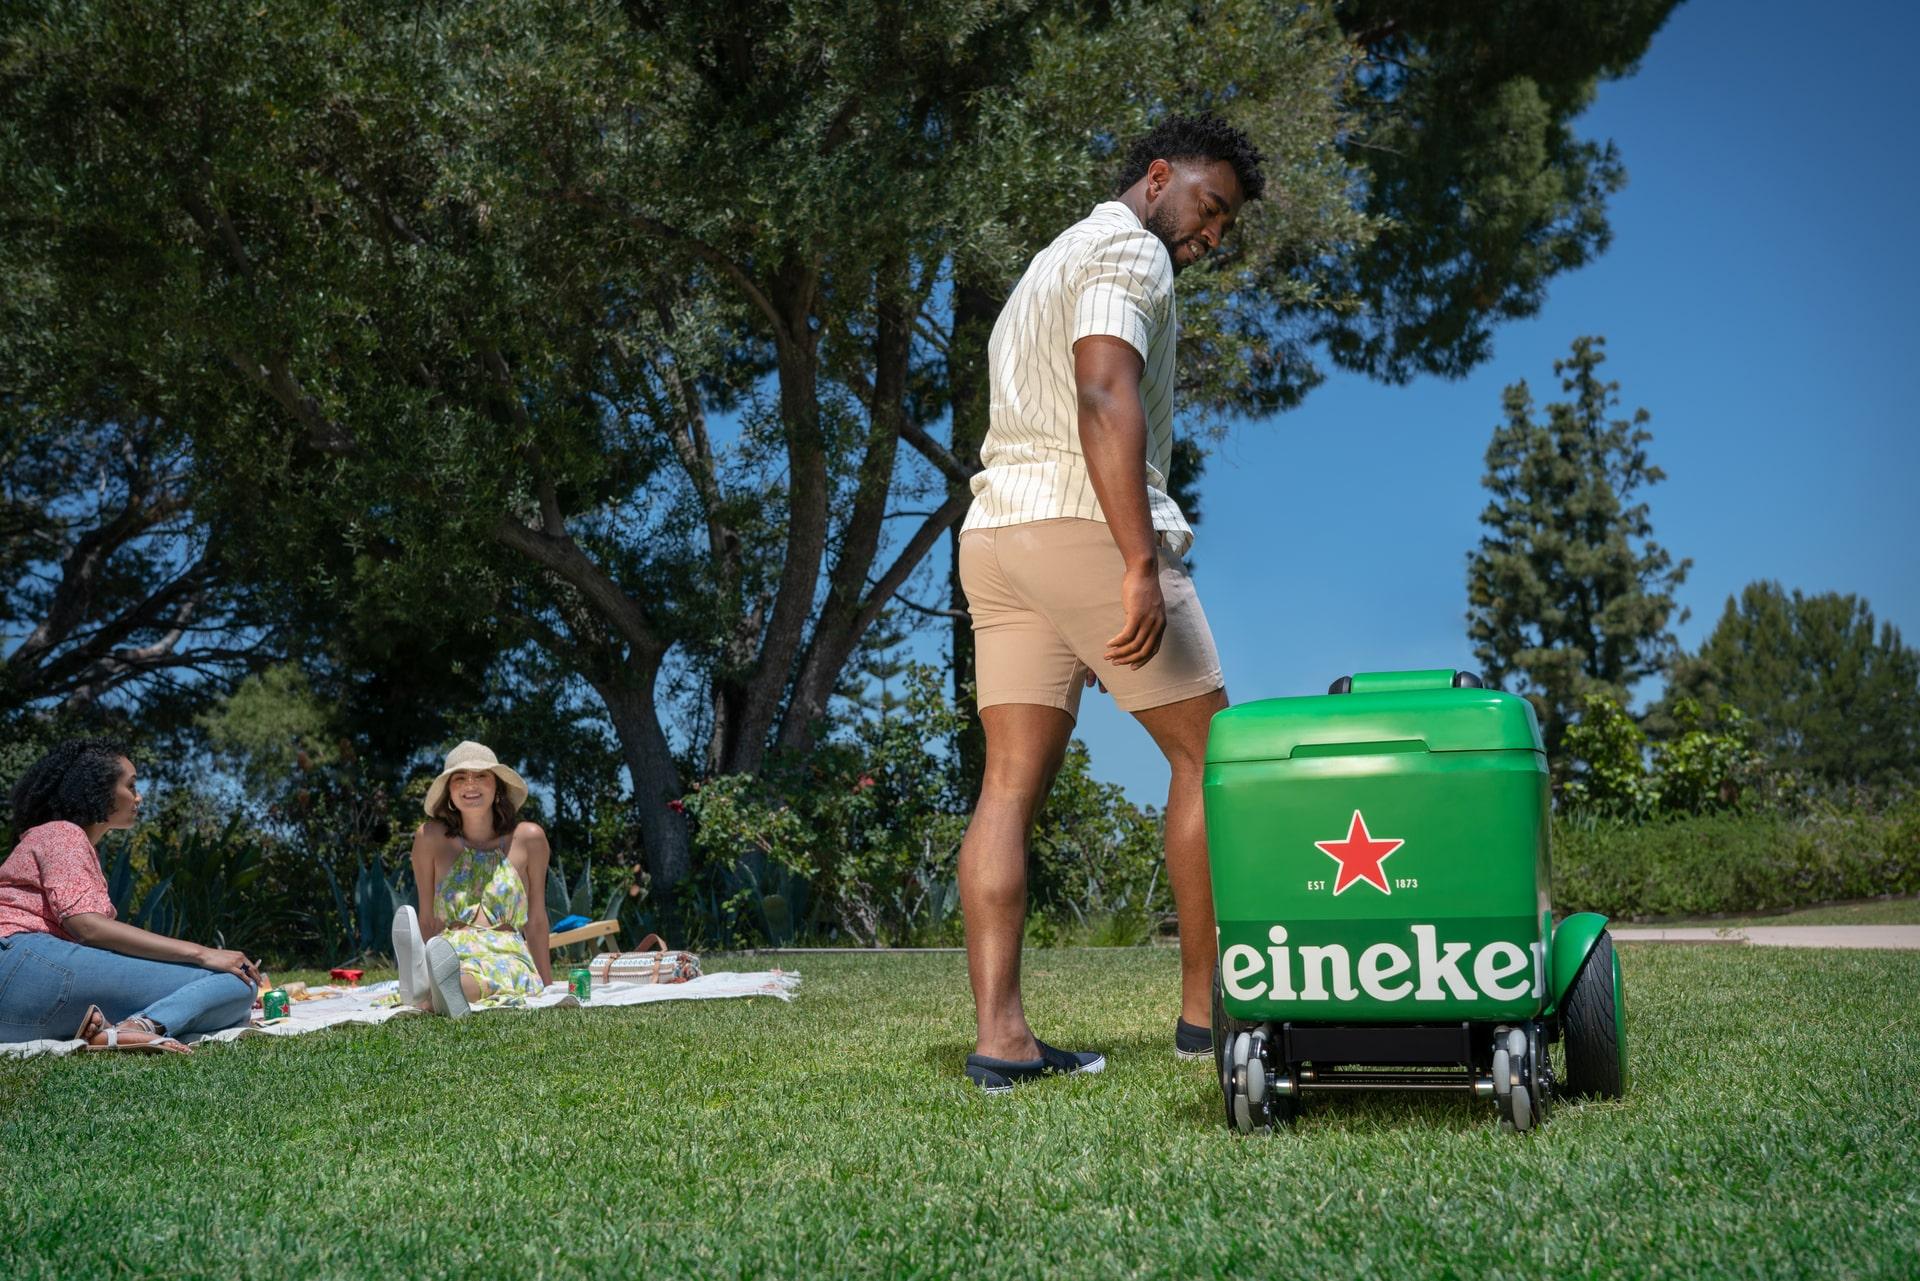 Meet Heineken B.O.T.